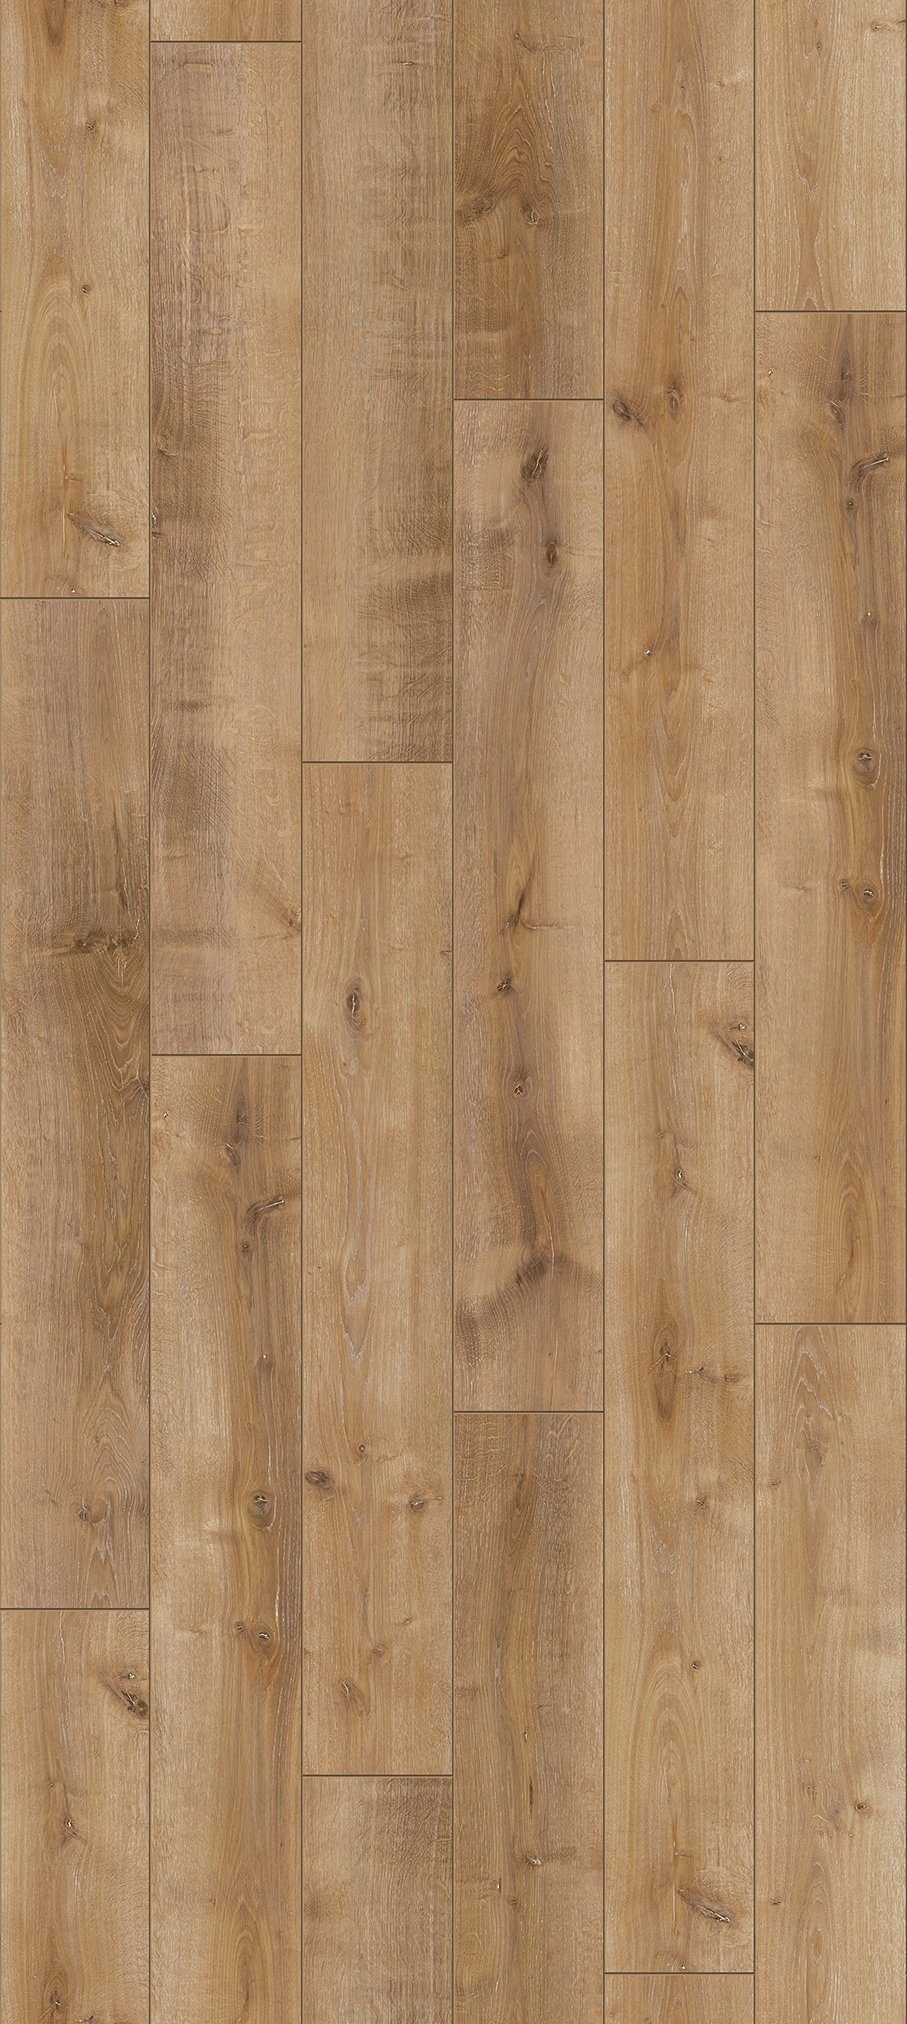 PARADOR Laminat »Classic 1050 - Eiche Monterey leicht geweißt«, 1285 x 194 mm, Stärke: 8 mm